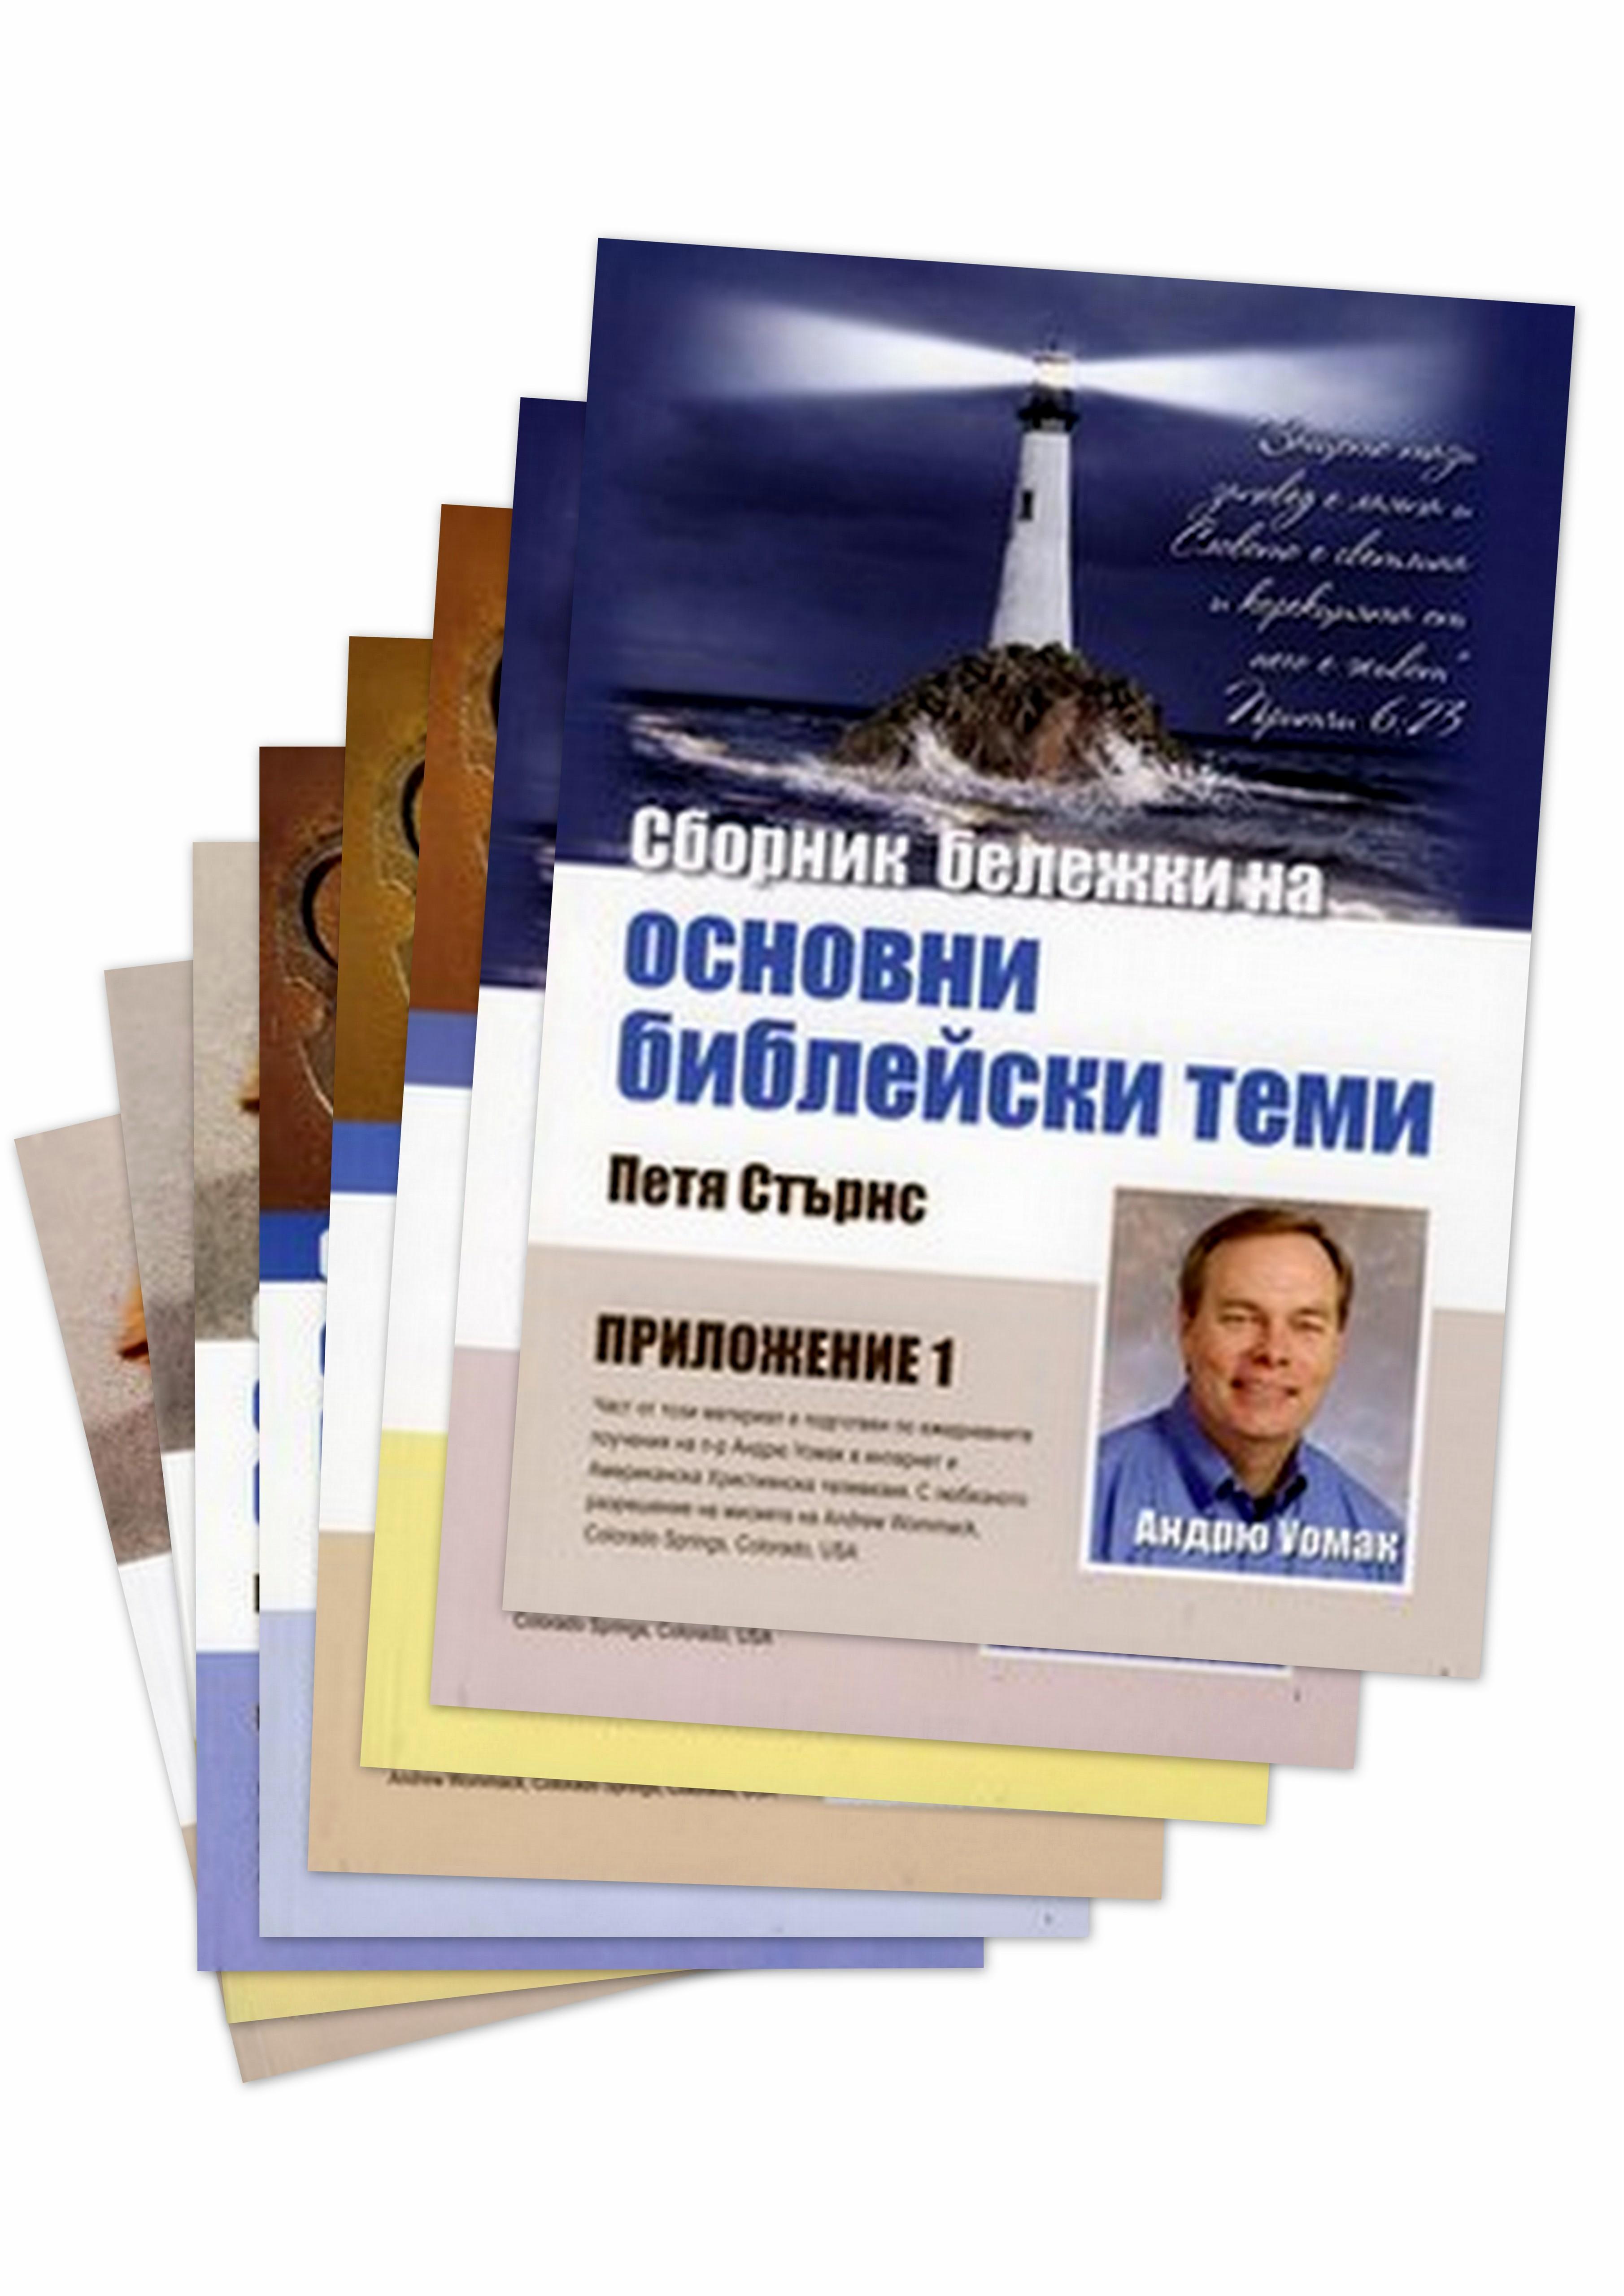 Сборник бележки на Петя Стърнс - КОМПЛЕКТ